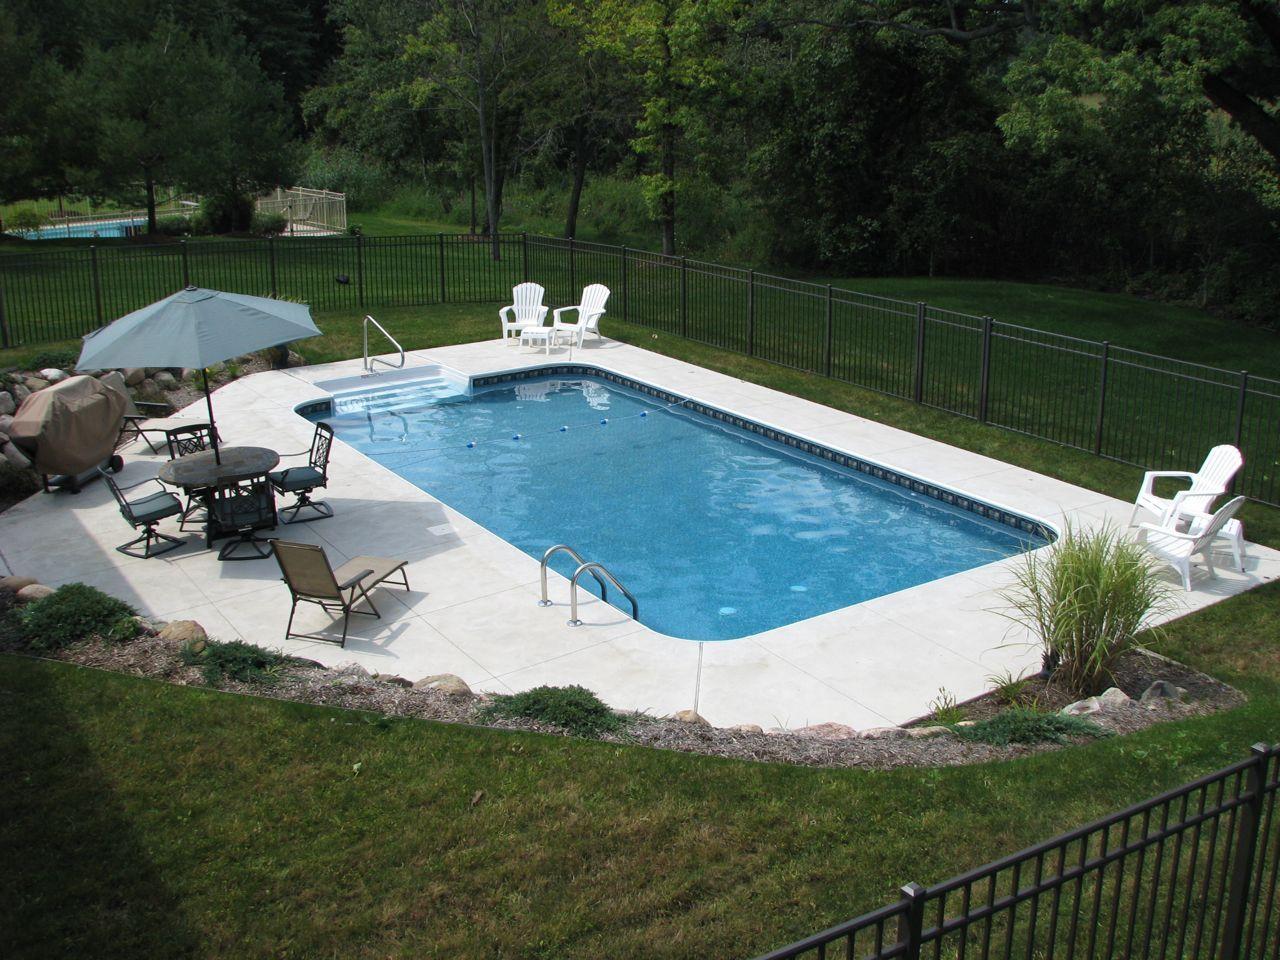 16x32 Inground Pool Photo Gallery Inground Pool Landscaping Pools Backyard Inground Inground Pool Designs